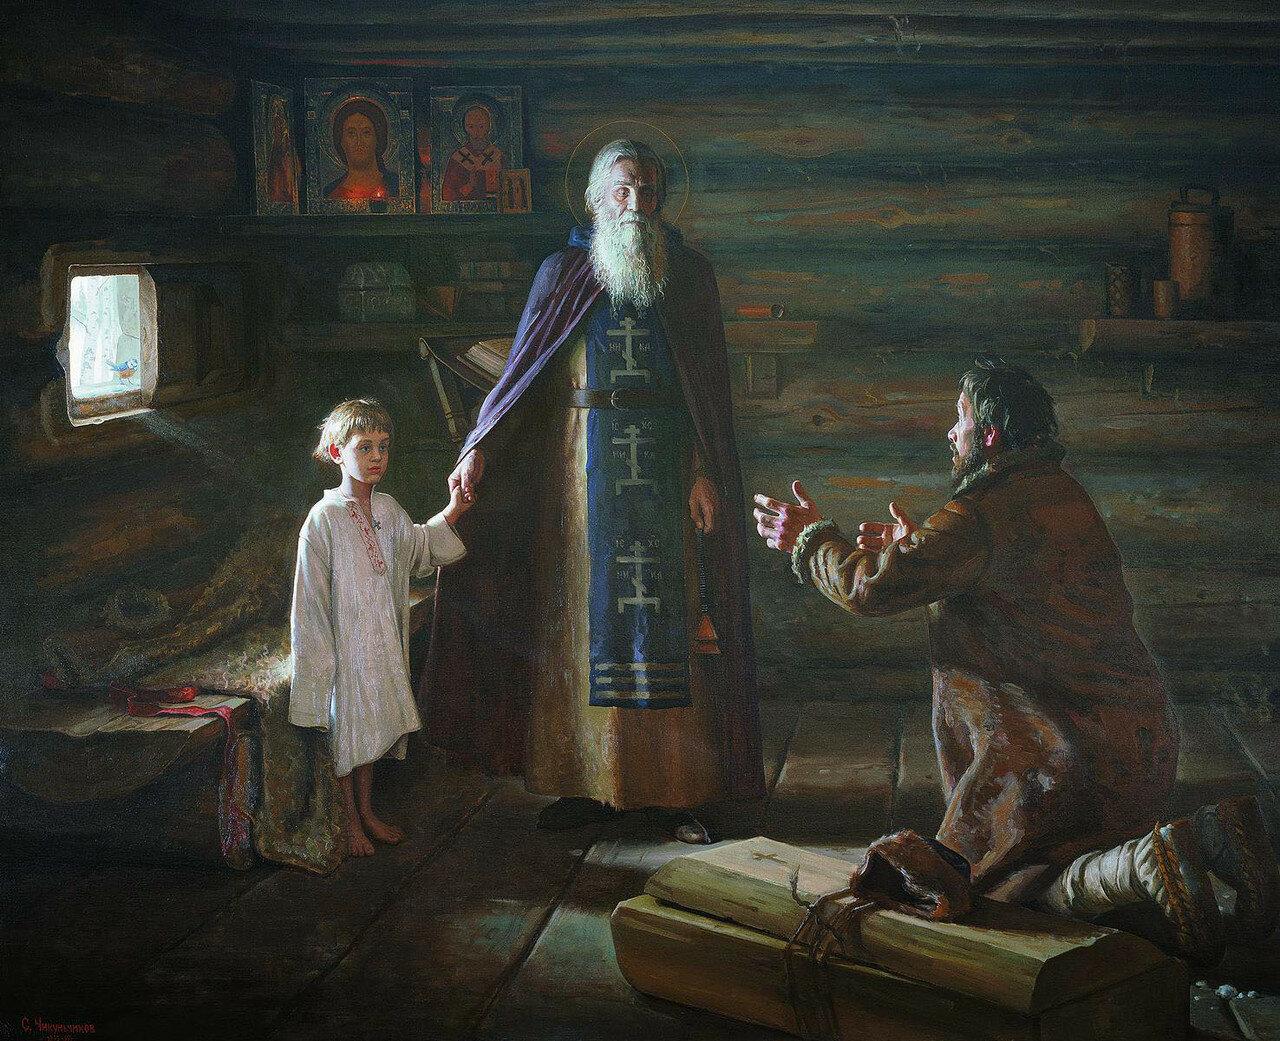 Воскрешение отрока преподобным Сергием Радонежским. 1999. Сергей Чикуньчиков